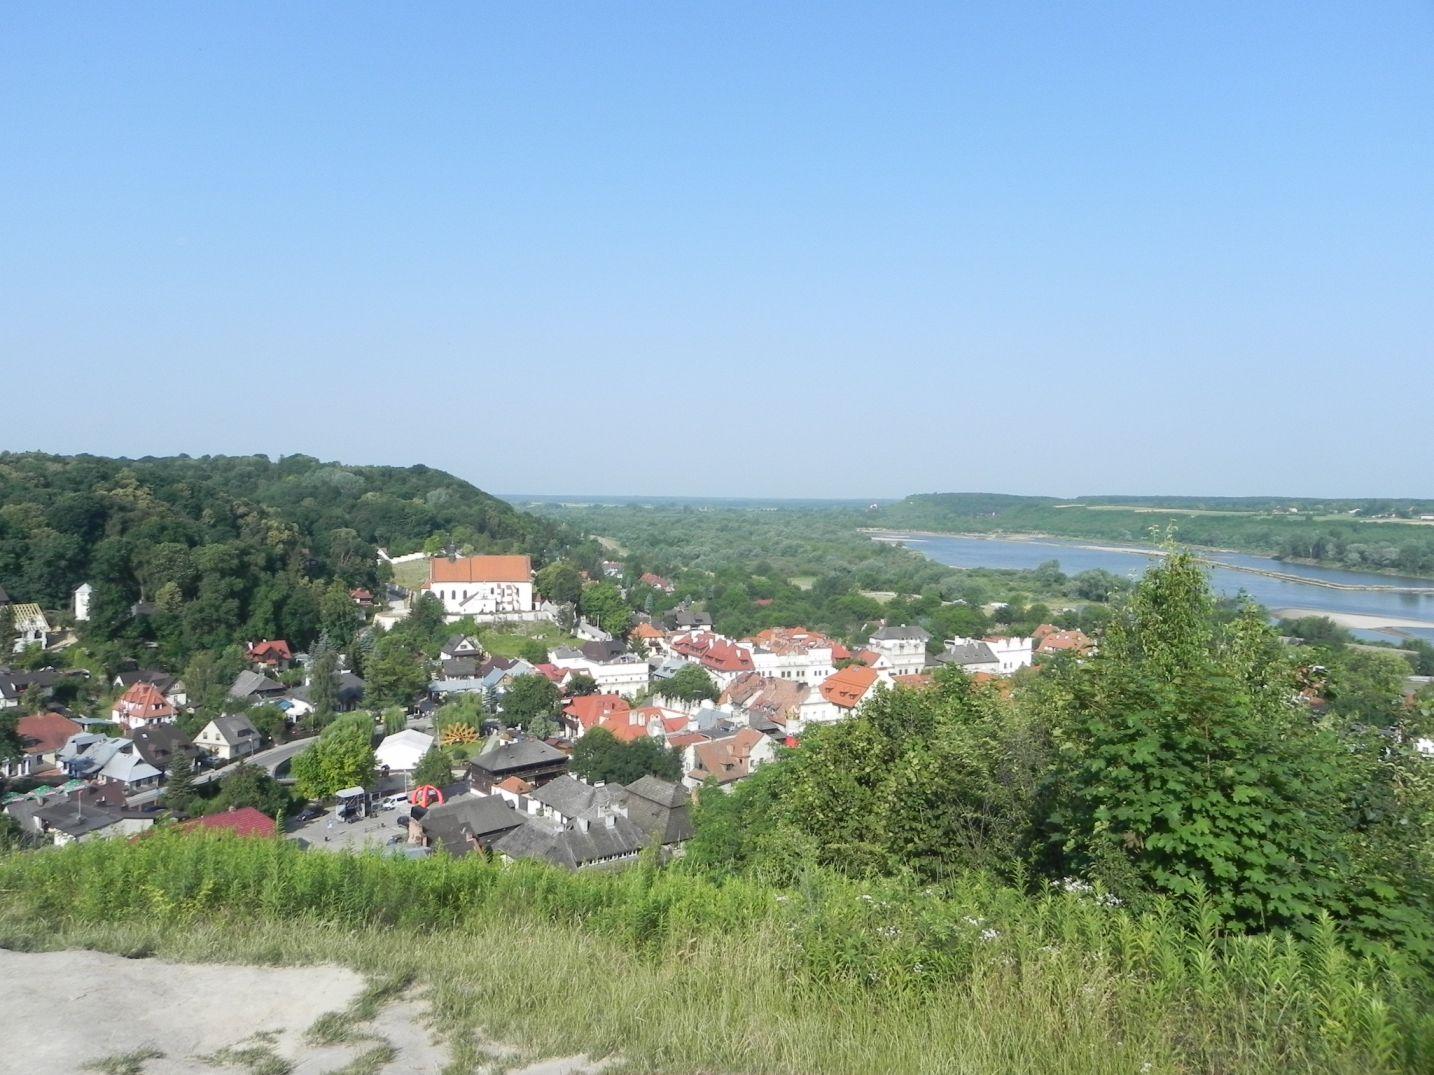 2016-06-26 Kazimierz Dolny - festiwal (45)